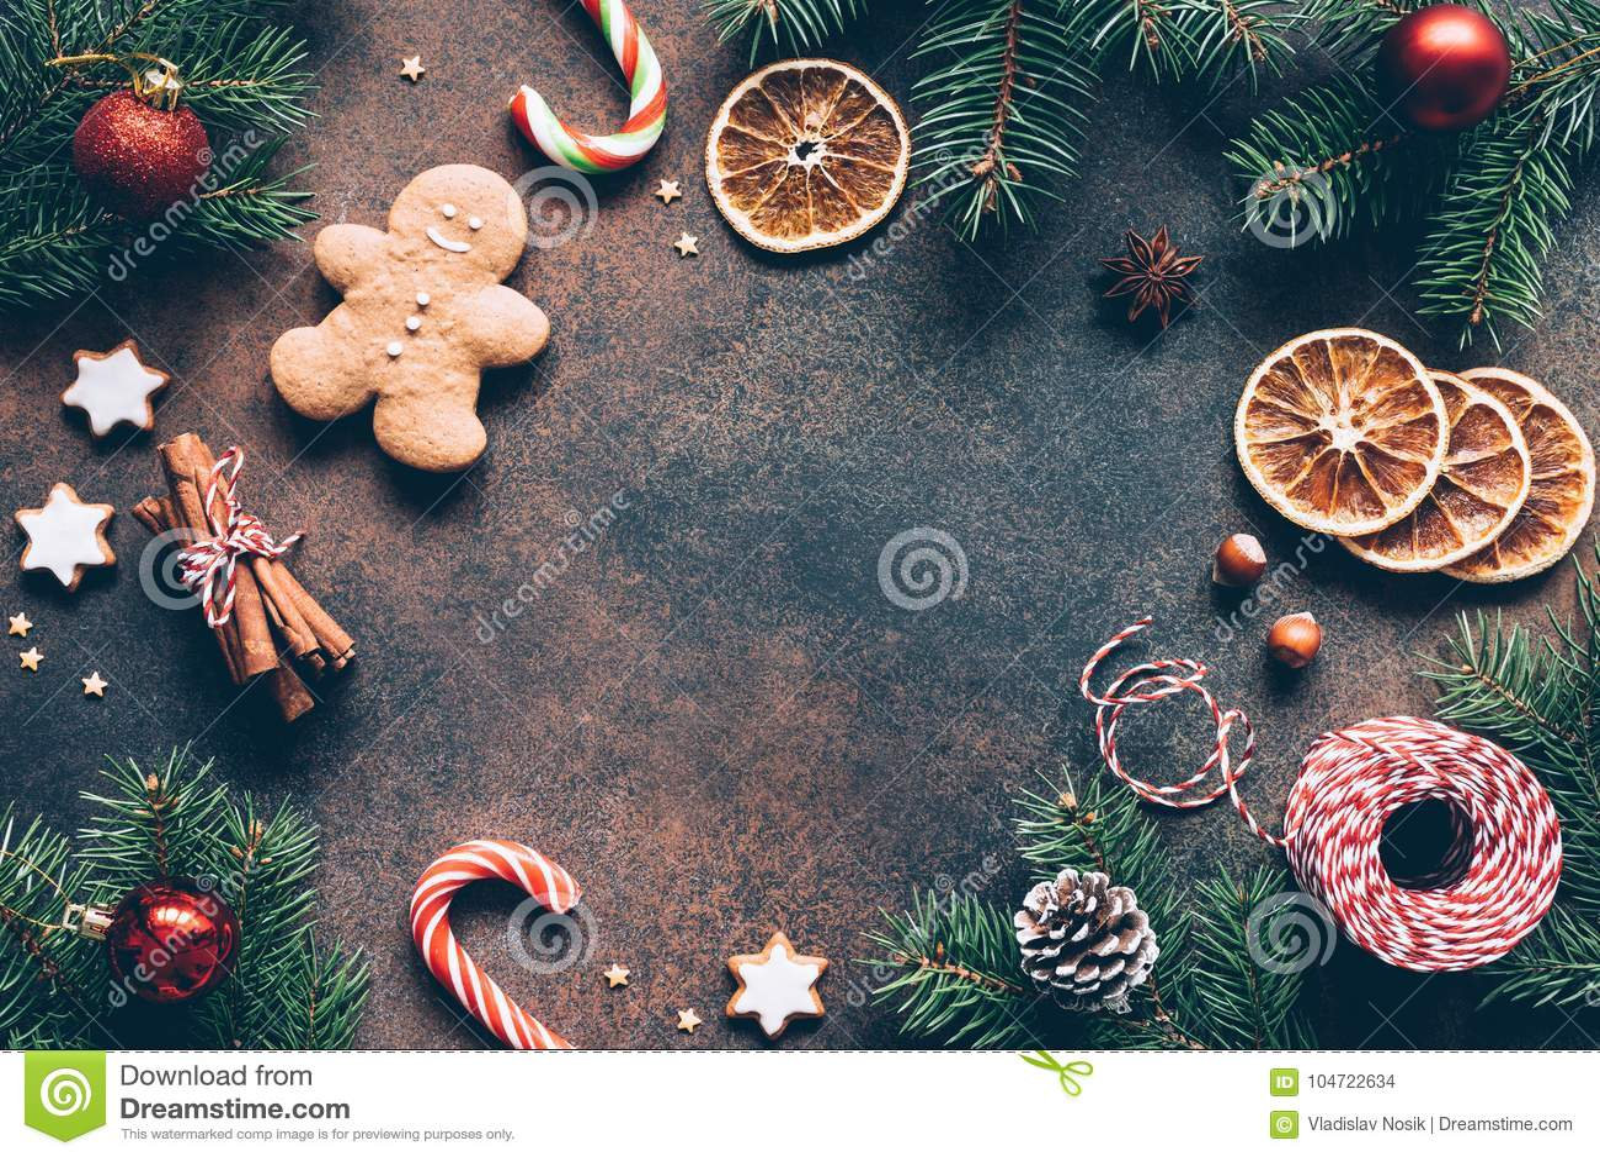 Marcos Para Fotos De Arbol De Navidad.Marco O Fondo De La Navidad Con Las Galletas Del Pan De